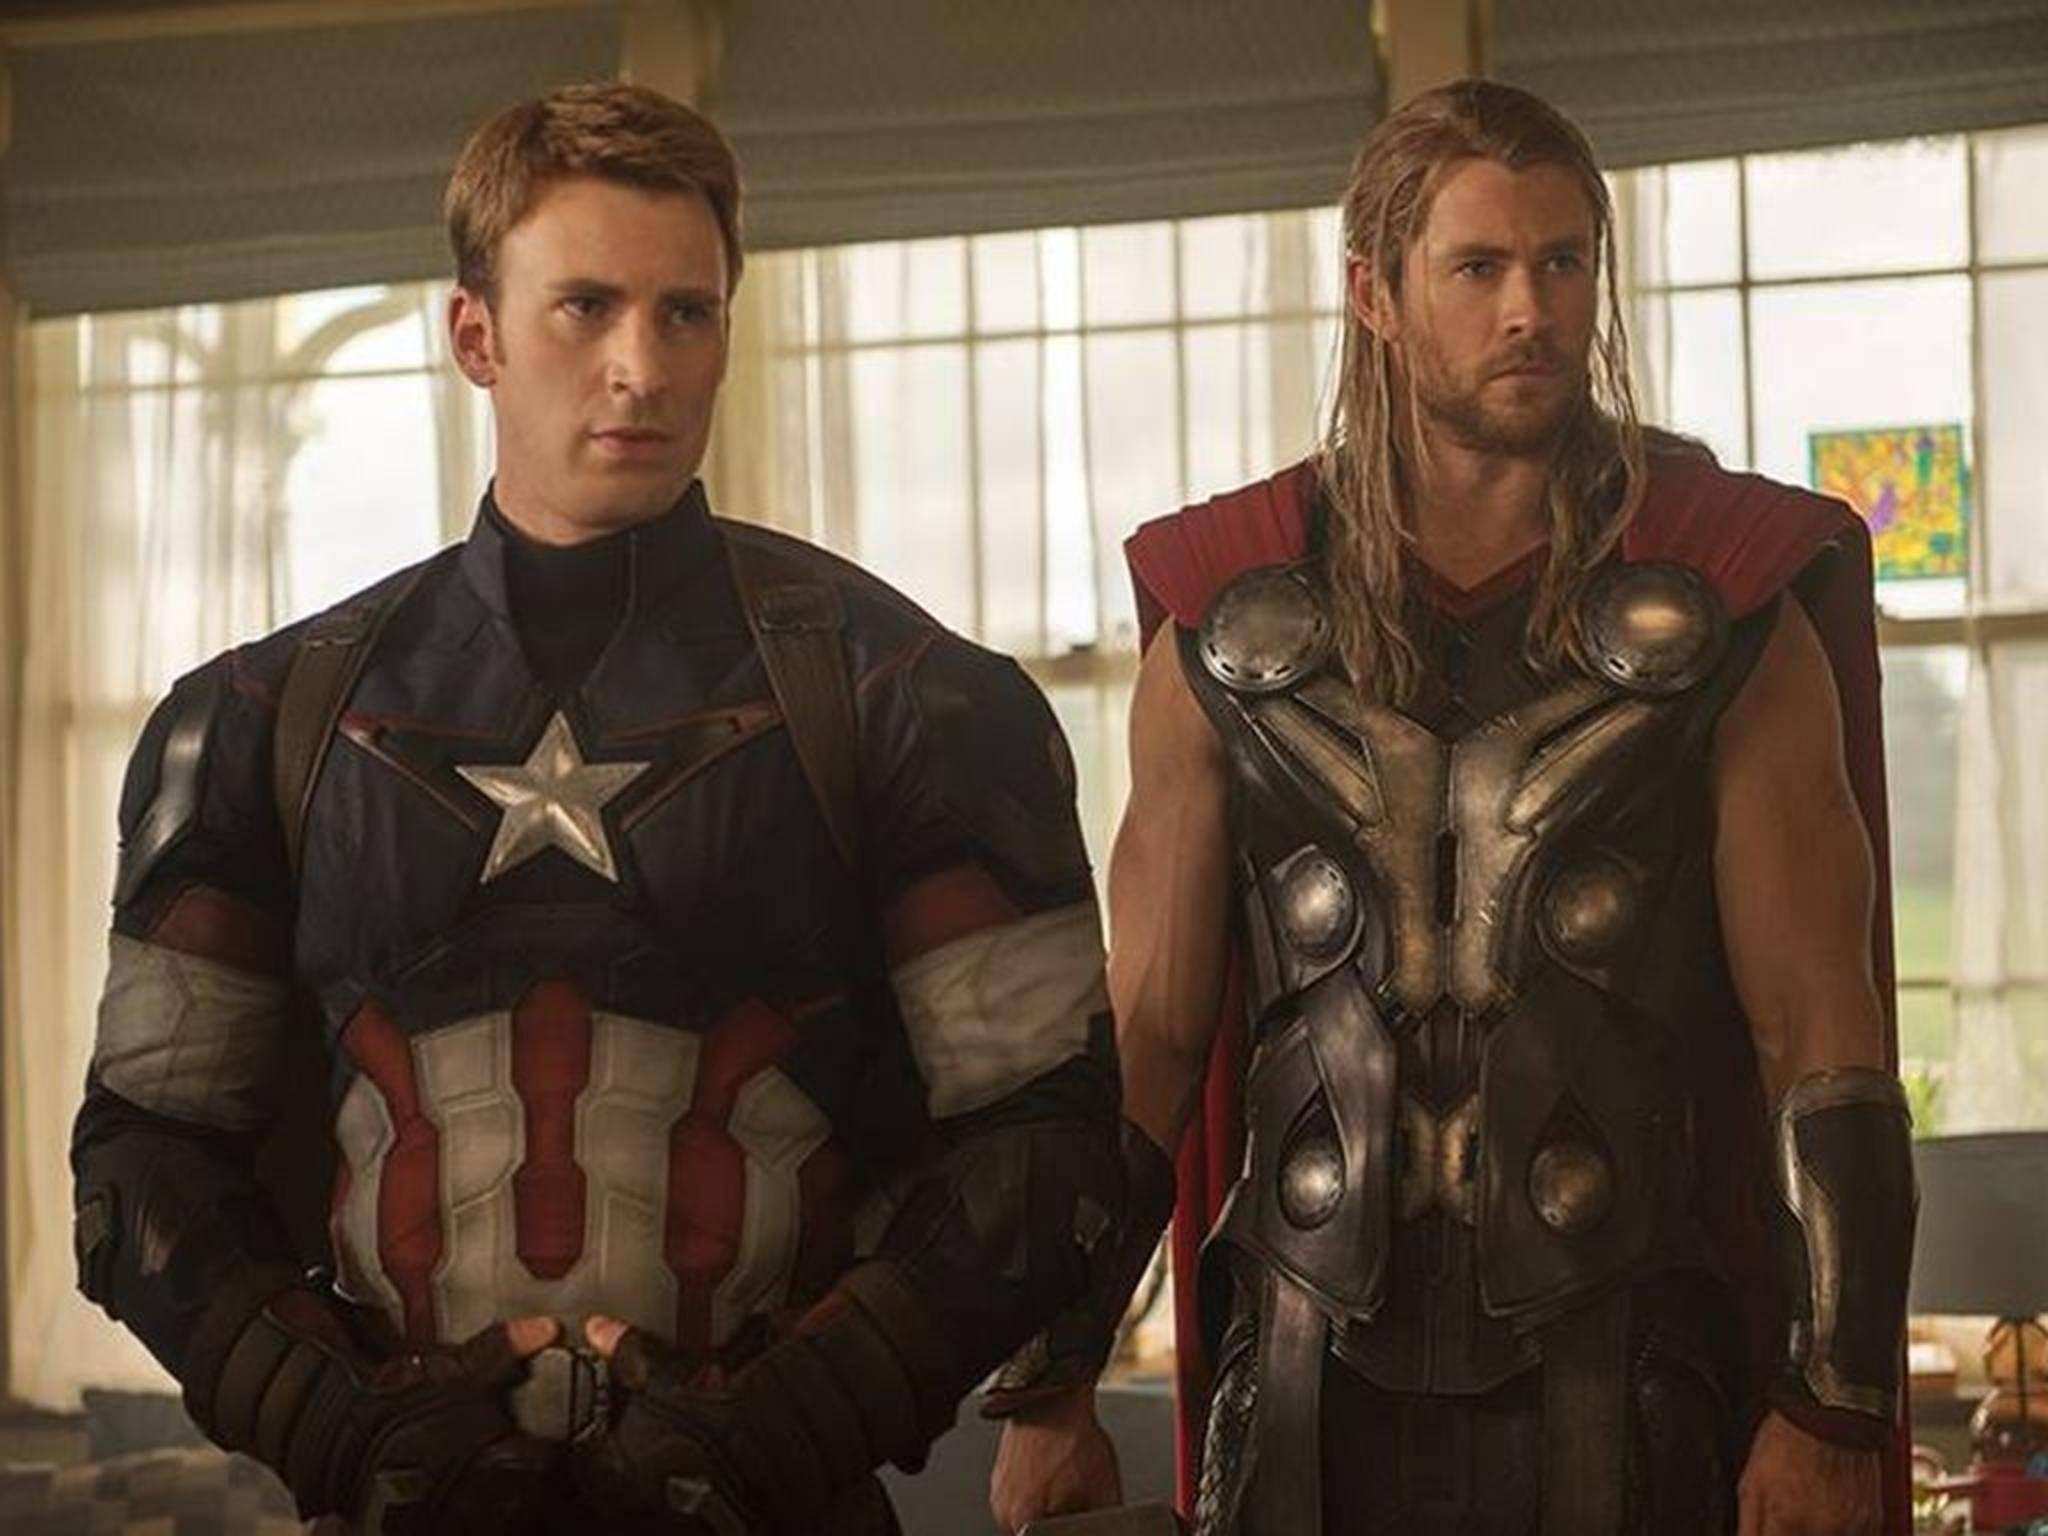 """""""Lego-Superhelden...?"""" - Captain America und Thor schauen noch etwas skeptisch."""